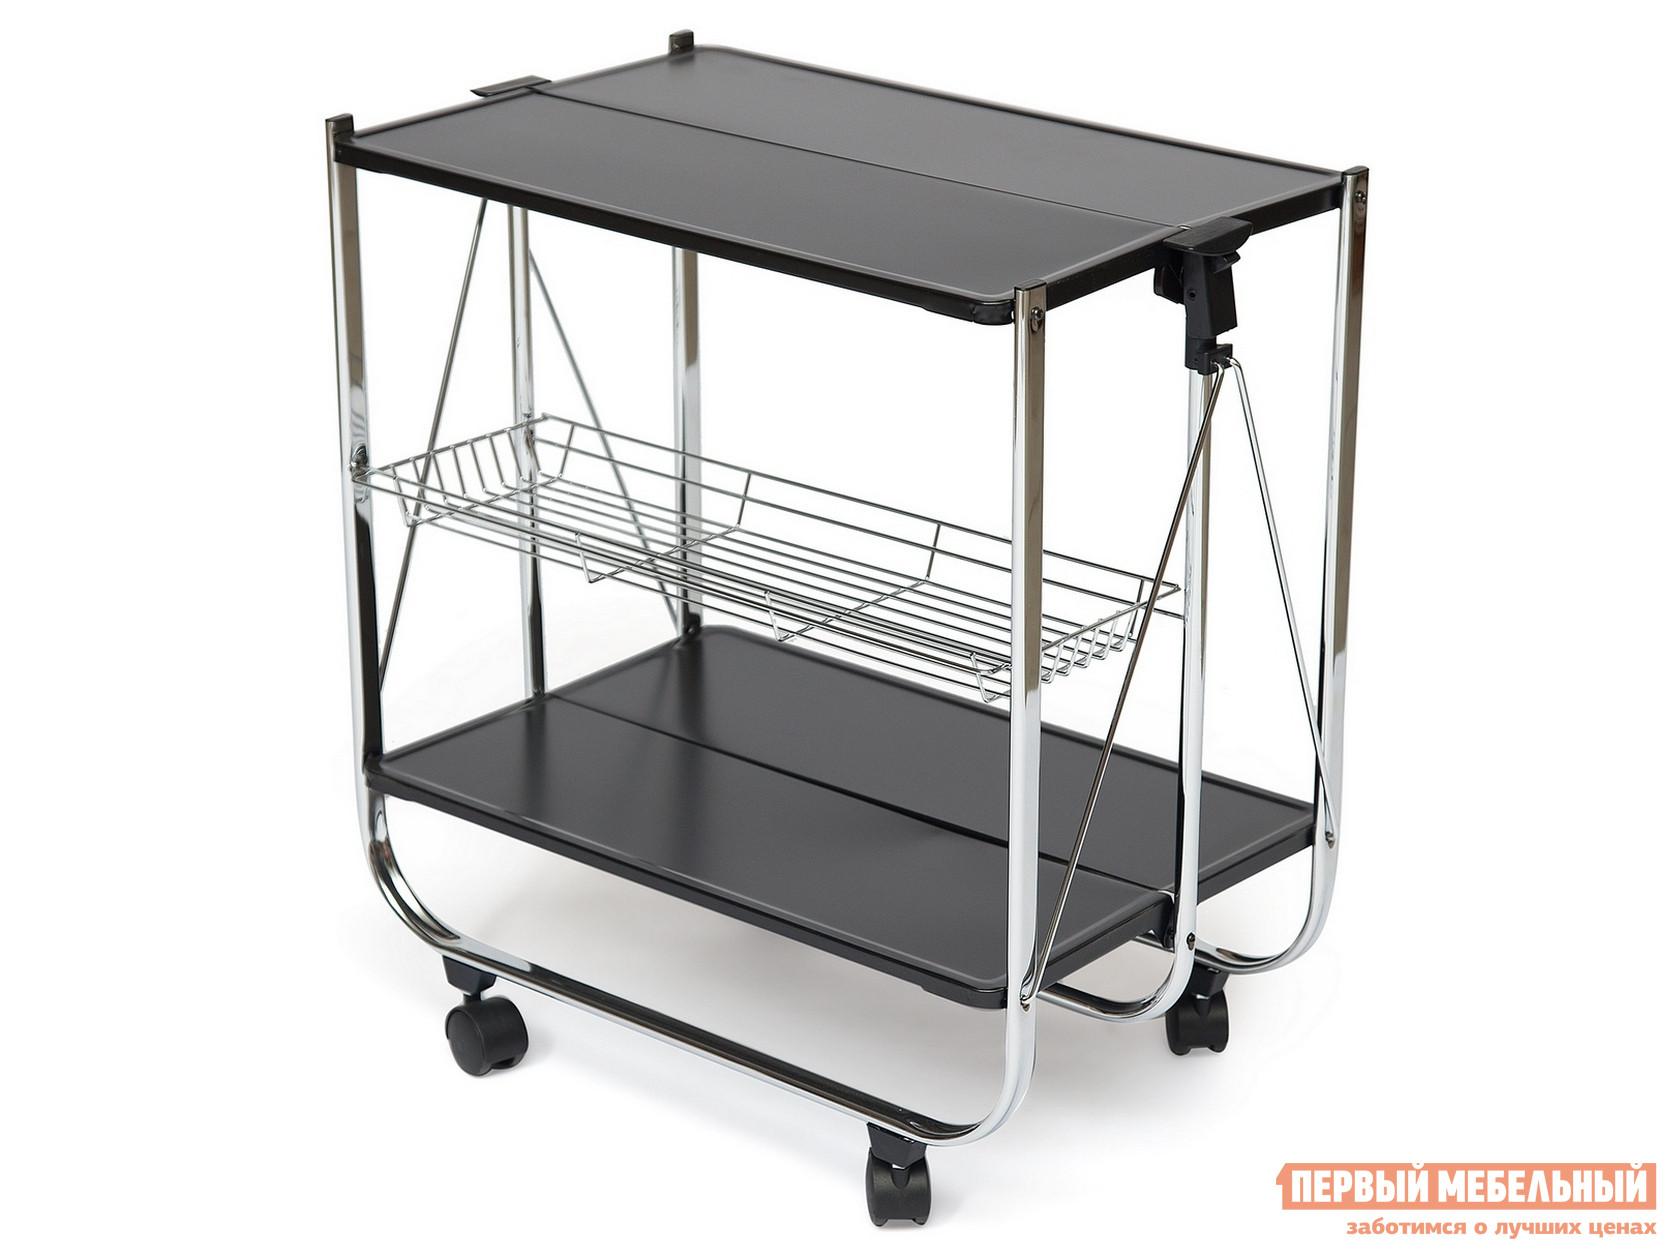 Сервировочный столик Tetchair SC-5119